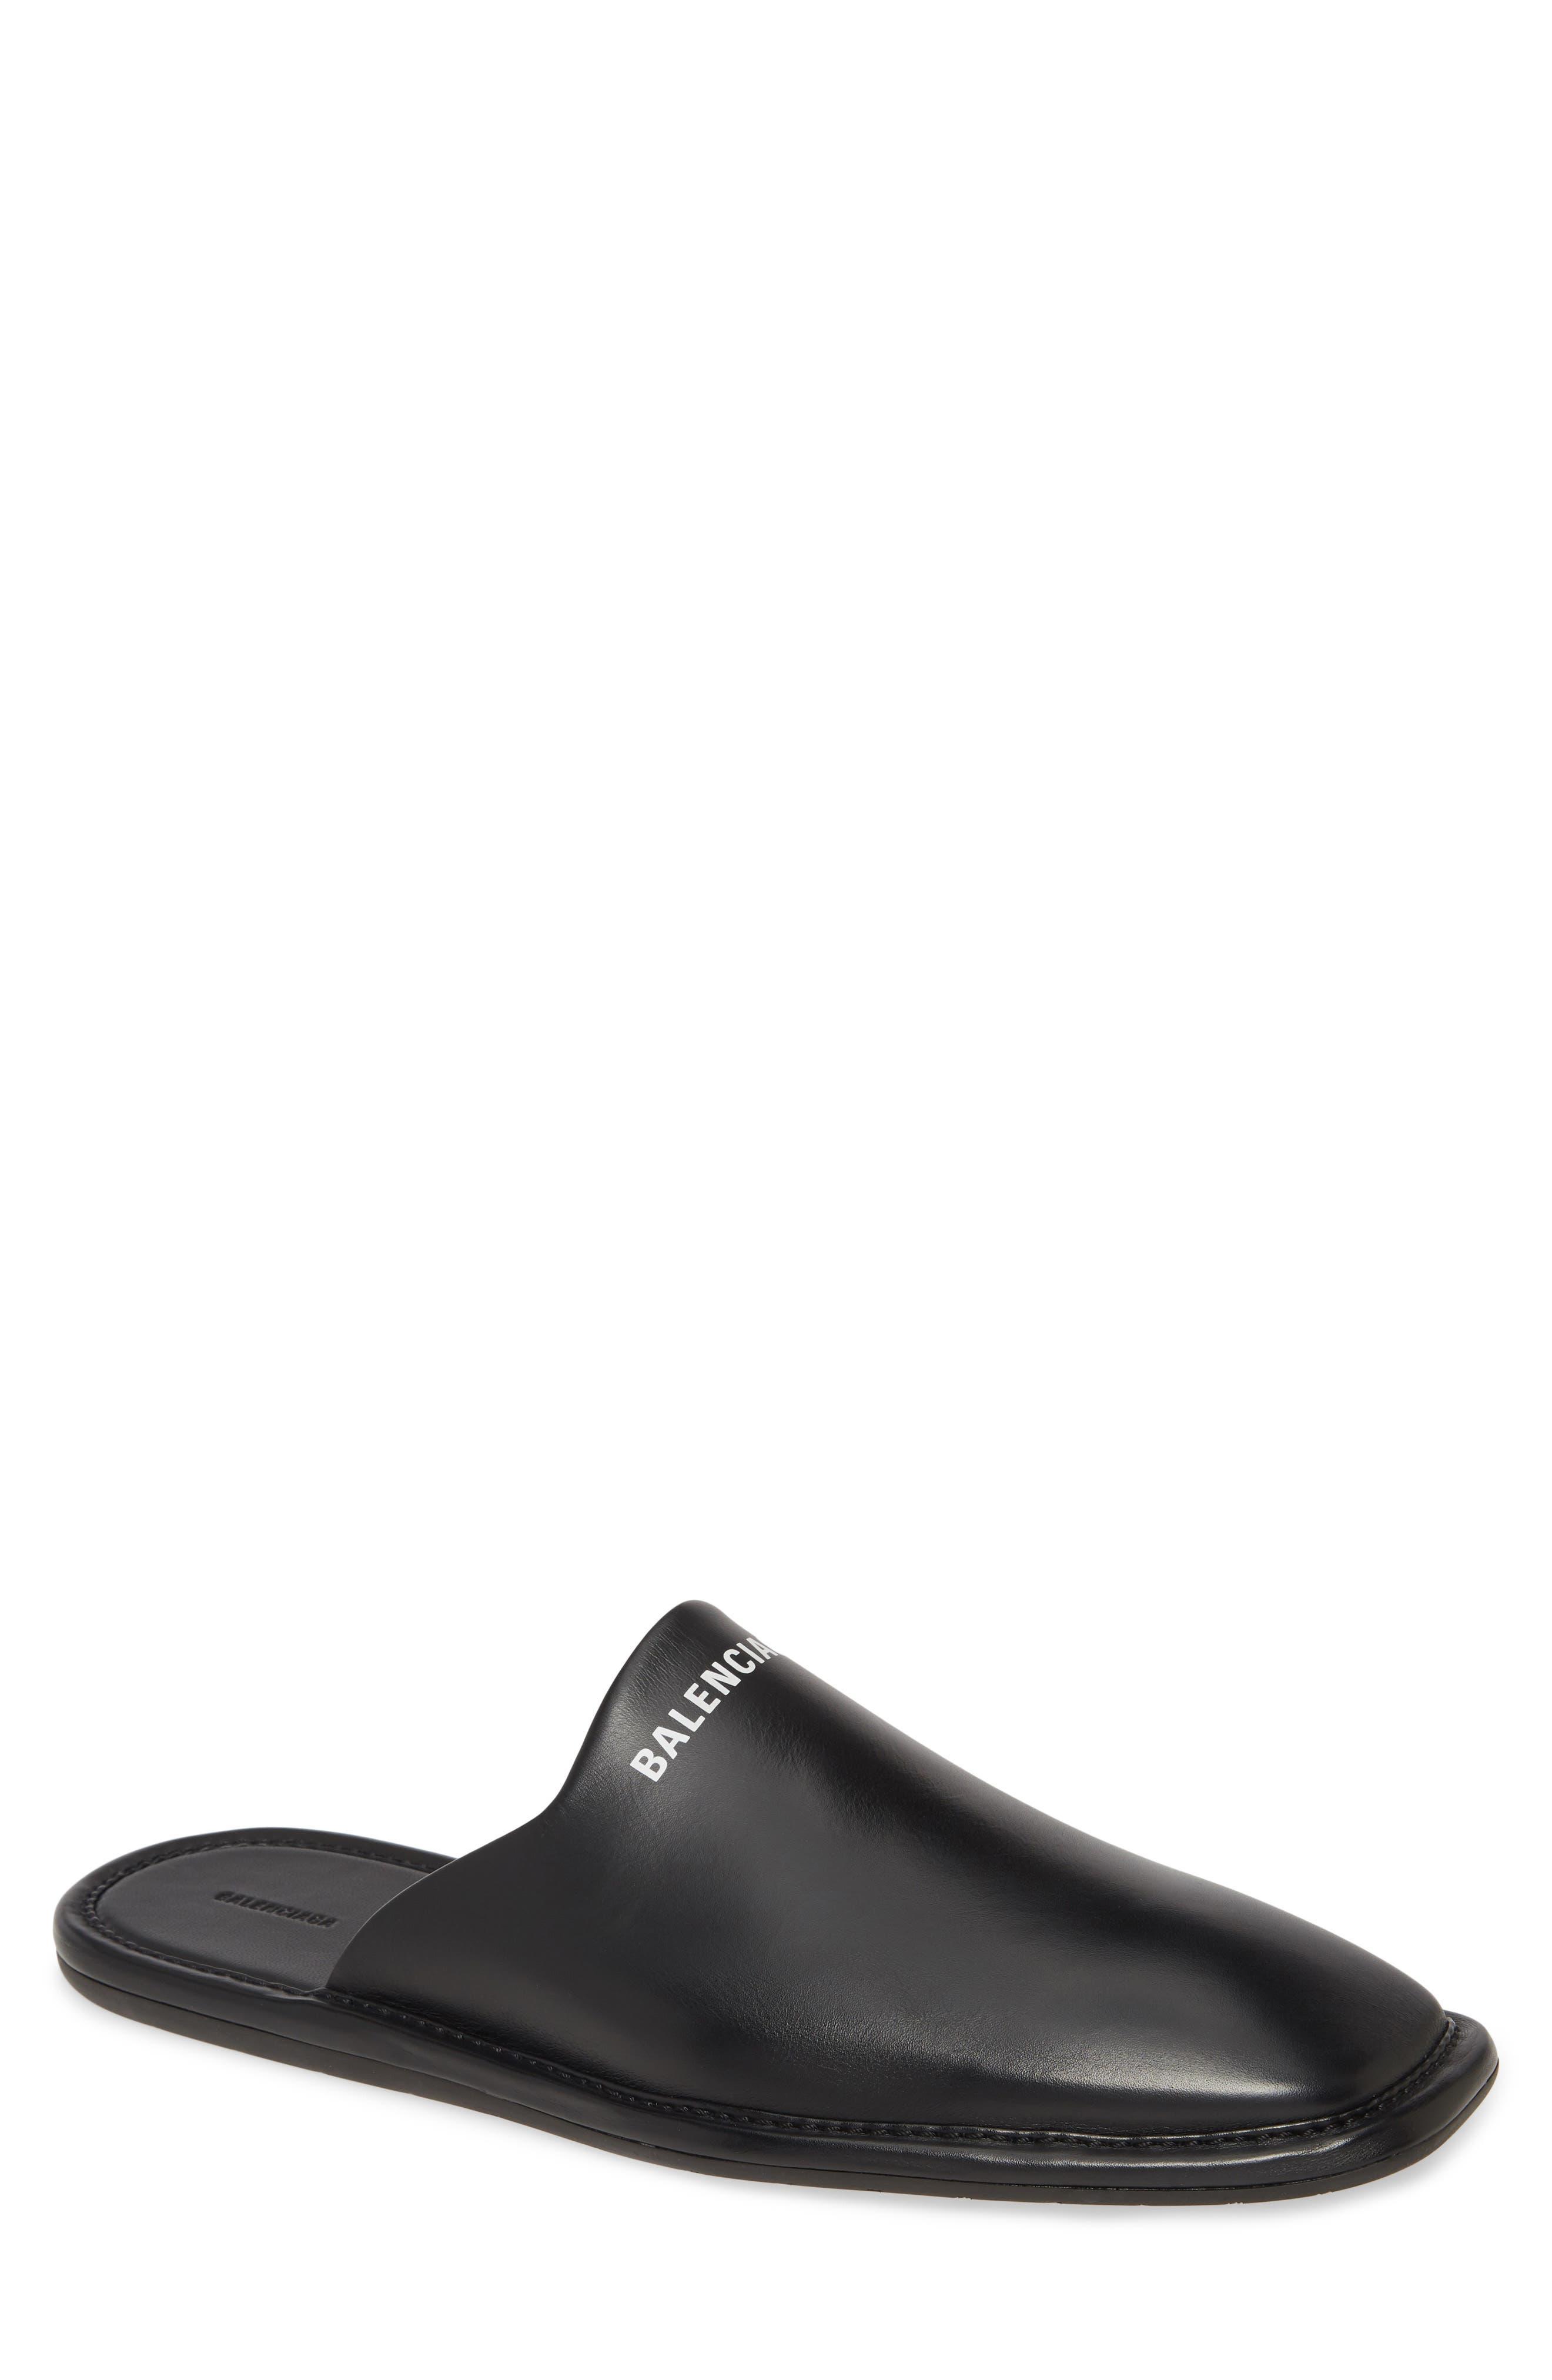 Men's Mules Designer Shoes   Nordstrom